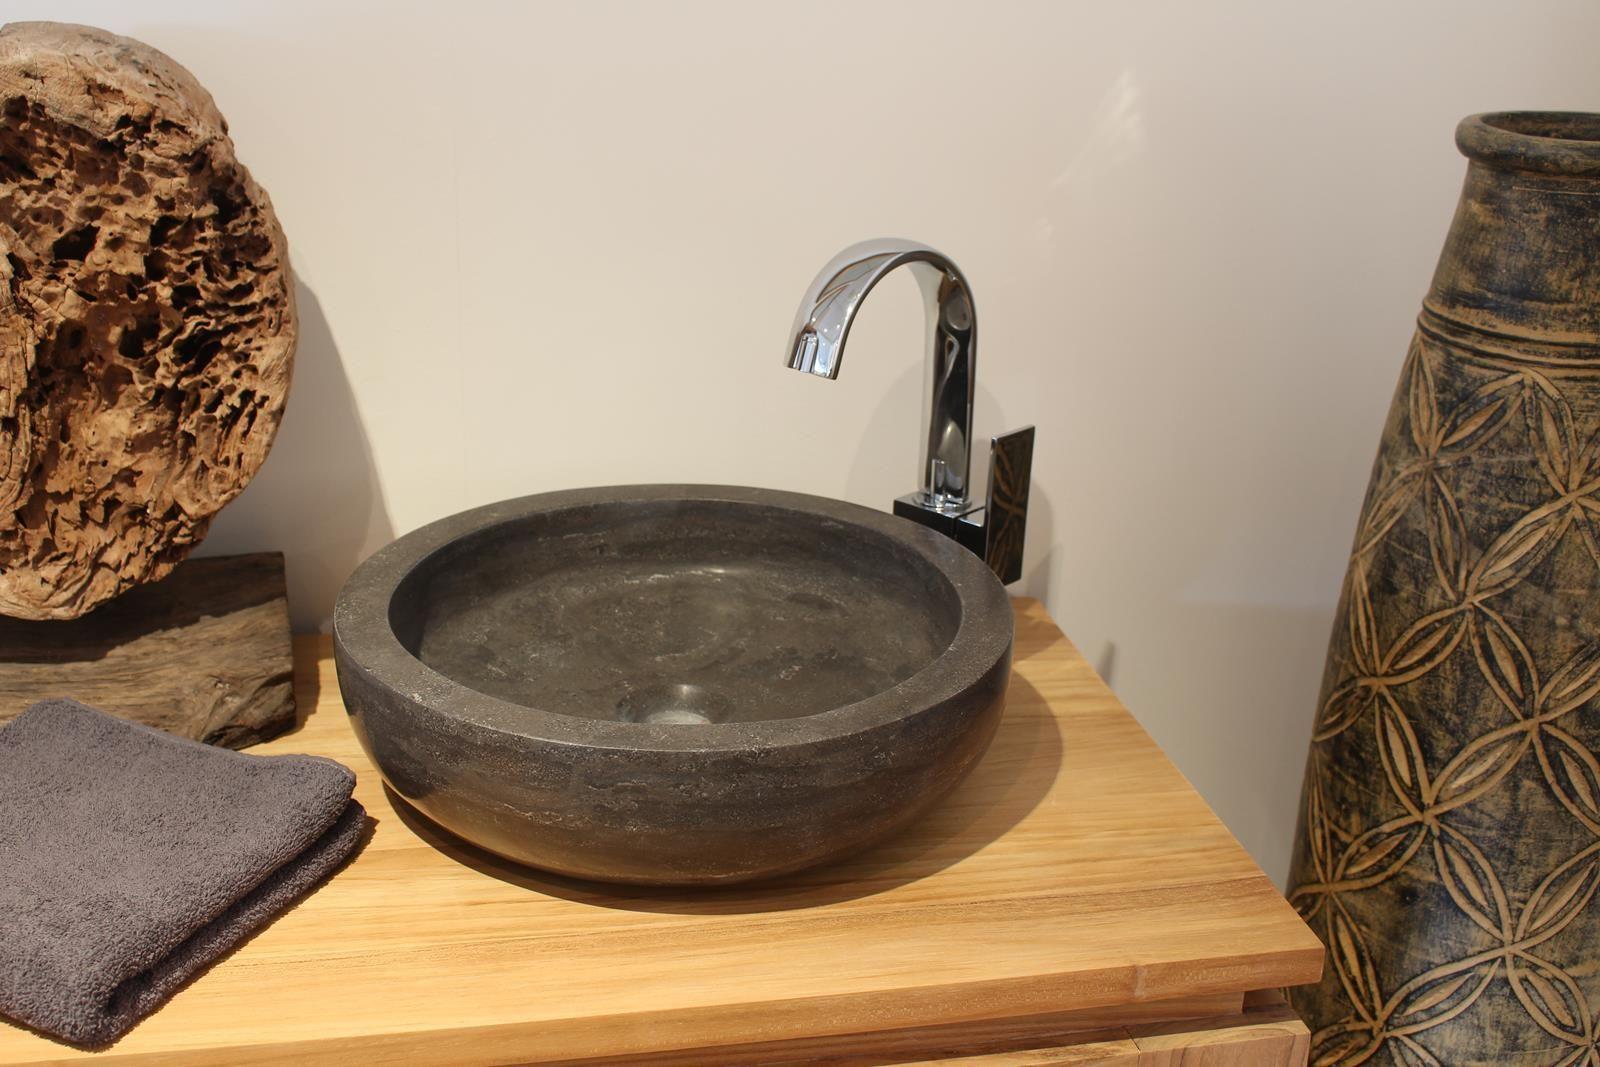 Badkamer Exclusief Someren : Op zoek naar een vrijstaande waskom of wasbak badkamerexclusief